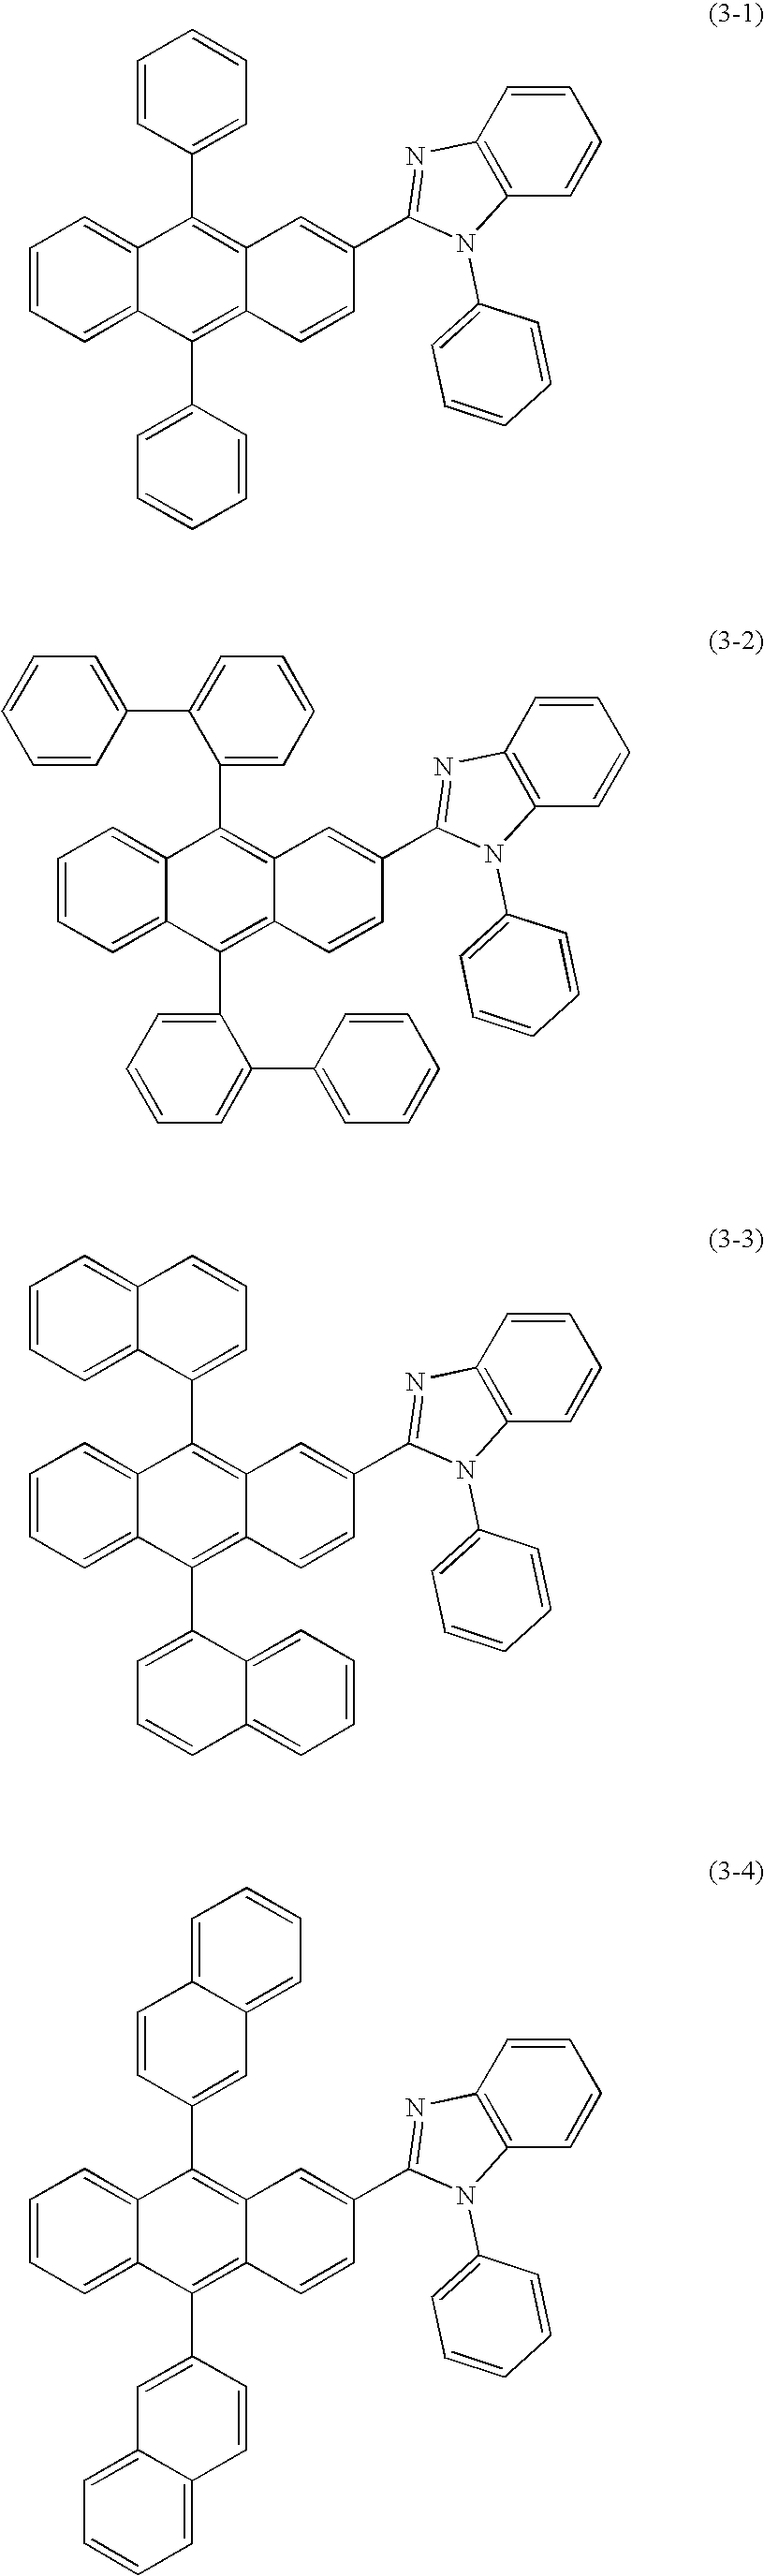 Figure US20030165715A1-20030904-C00028